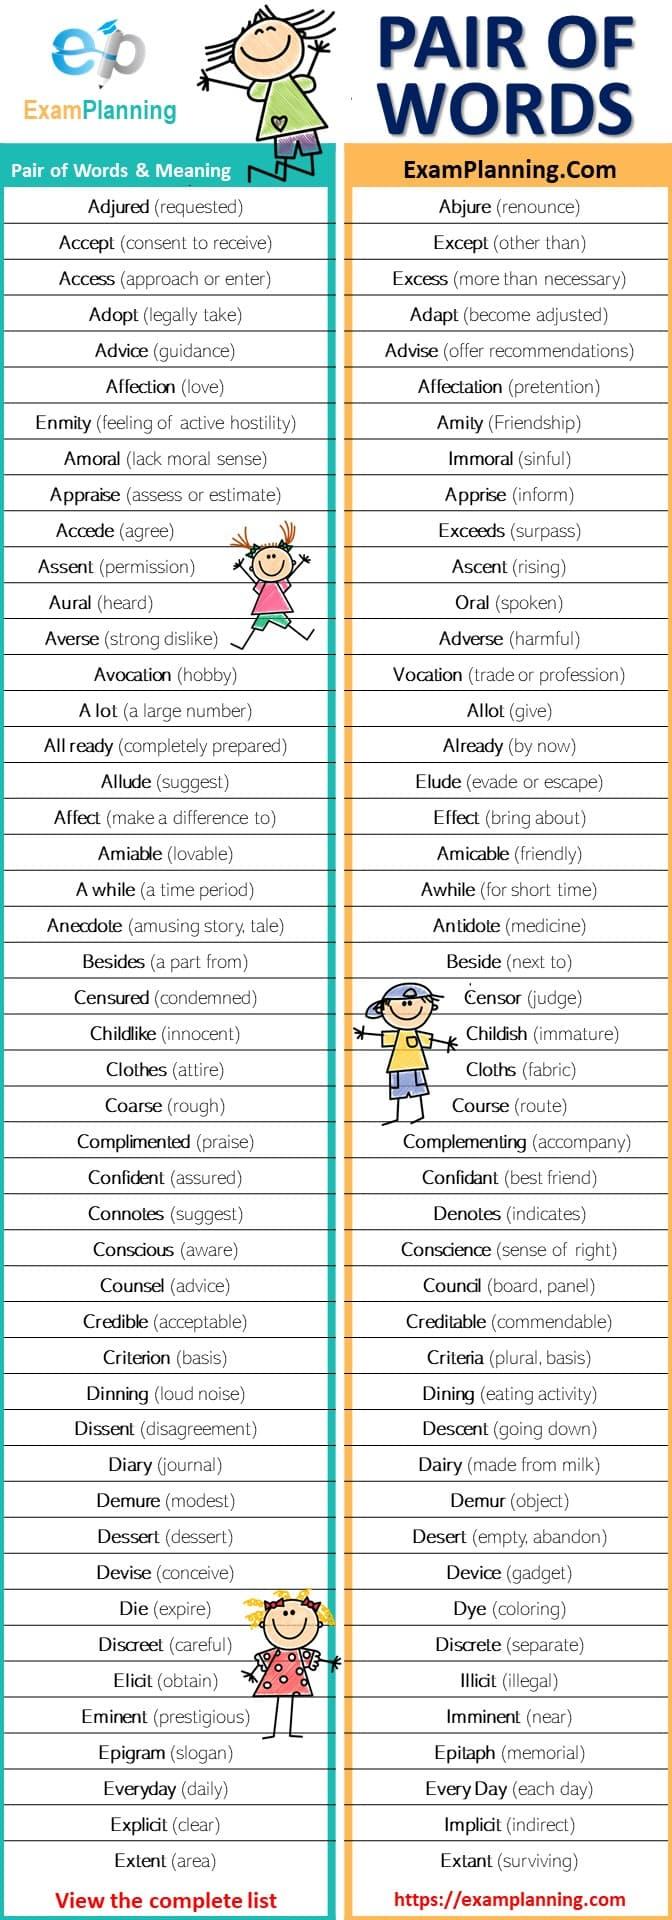 pair of words list